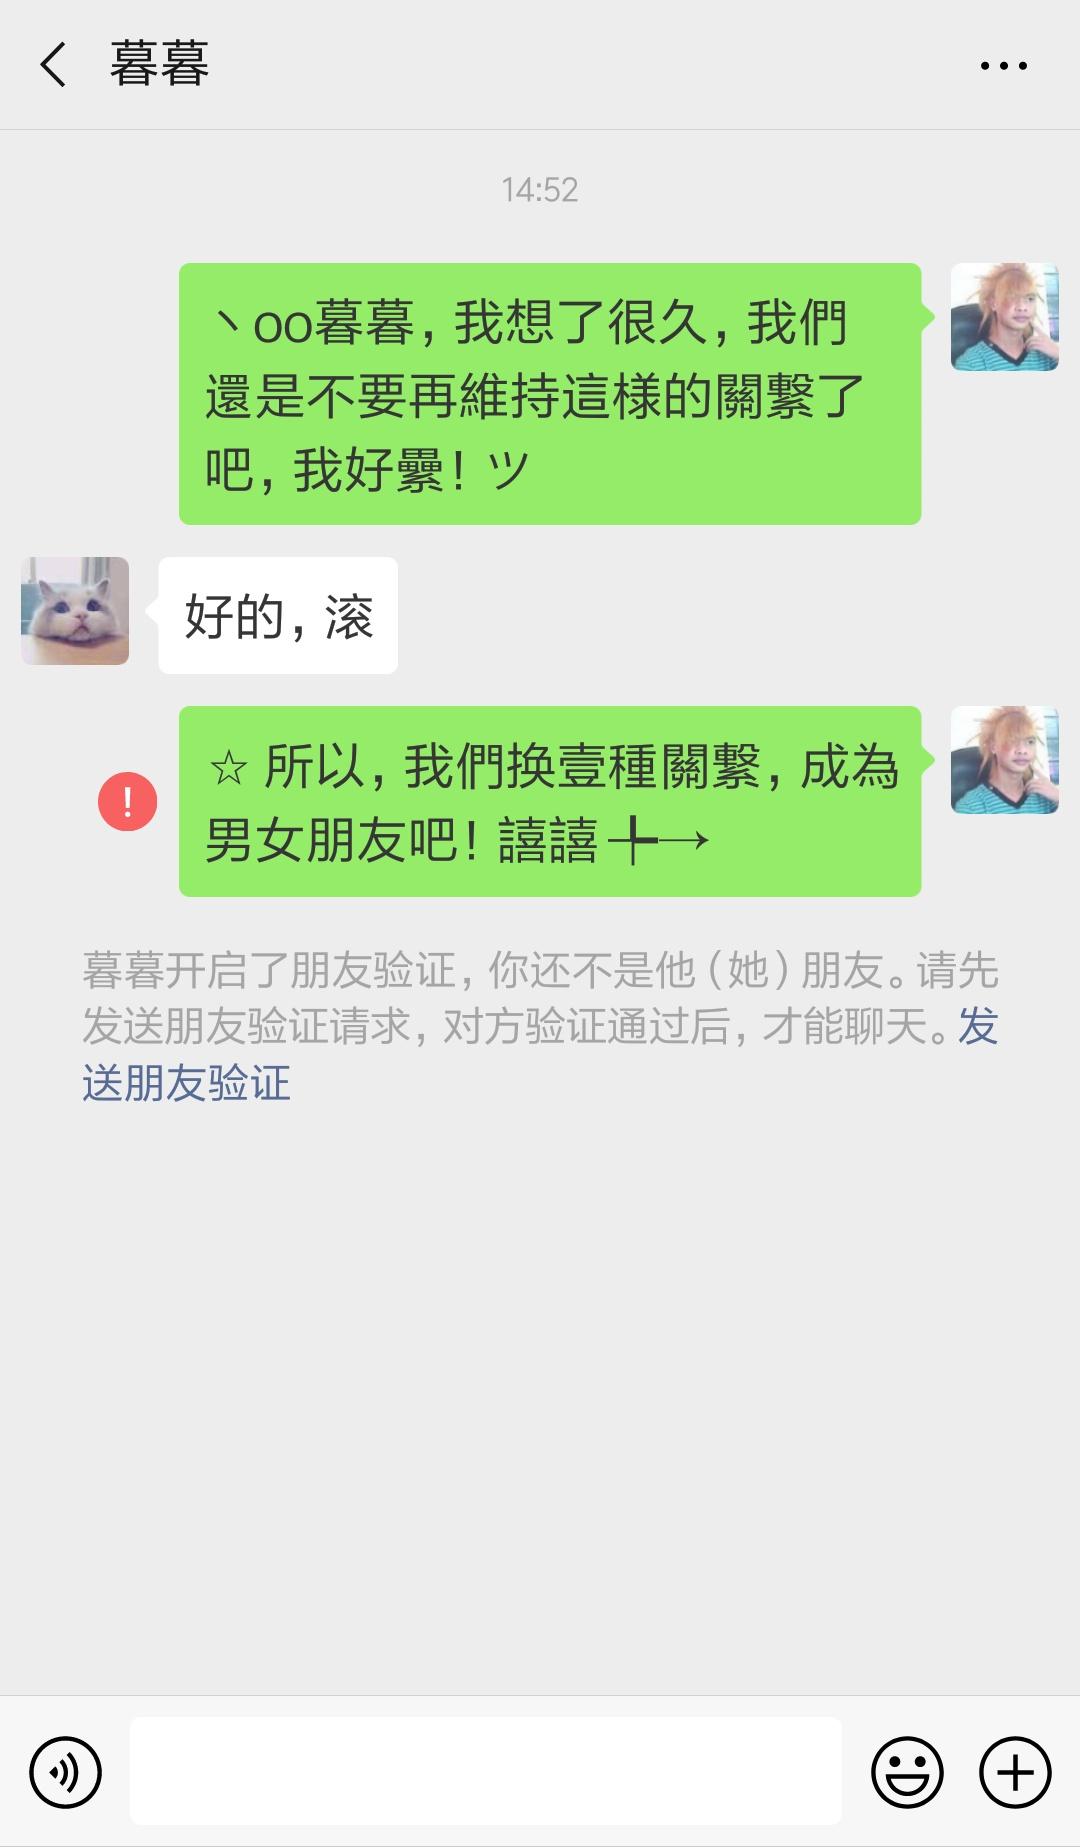 Screenshot_2019-05-17-14-53-38-879_com.tencent.mm.png